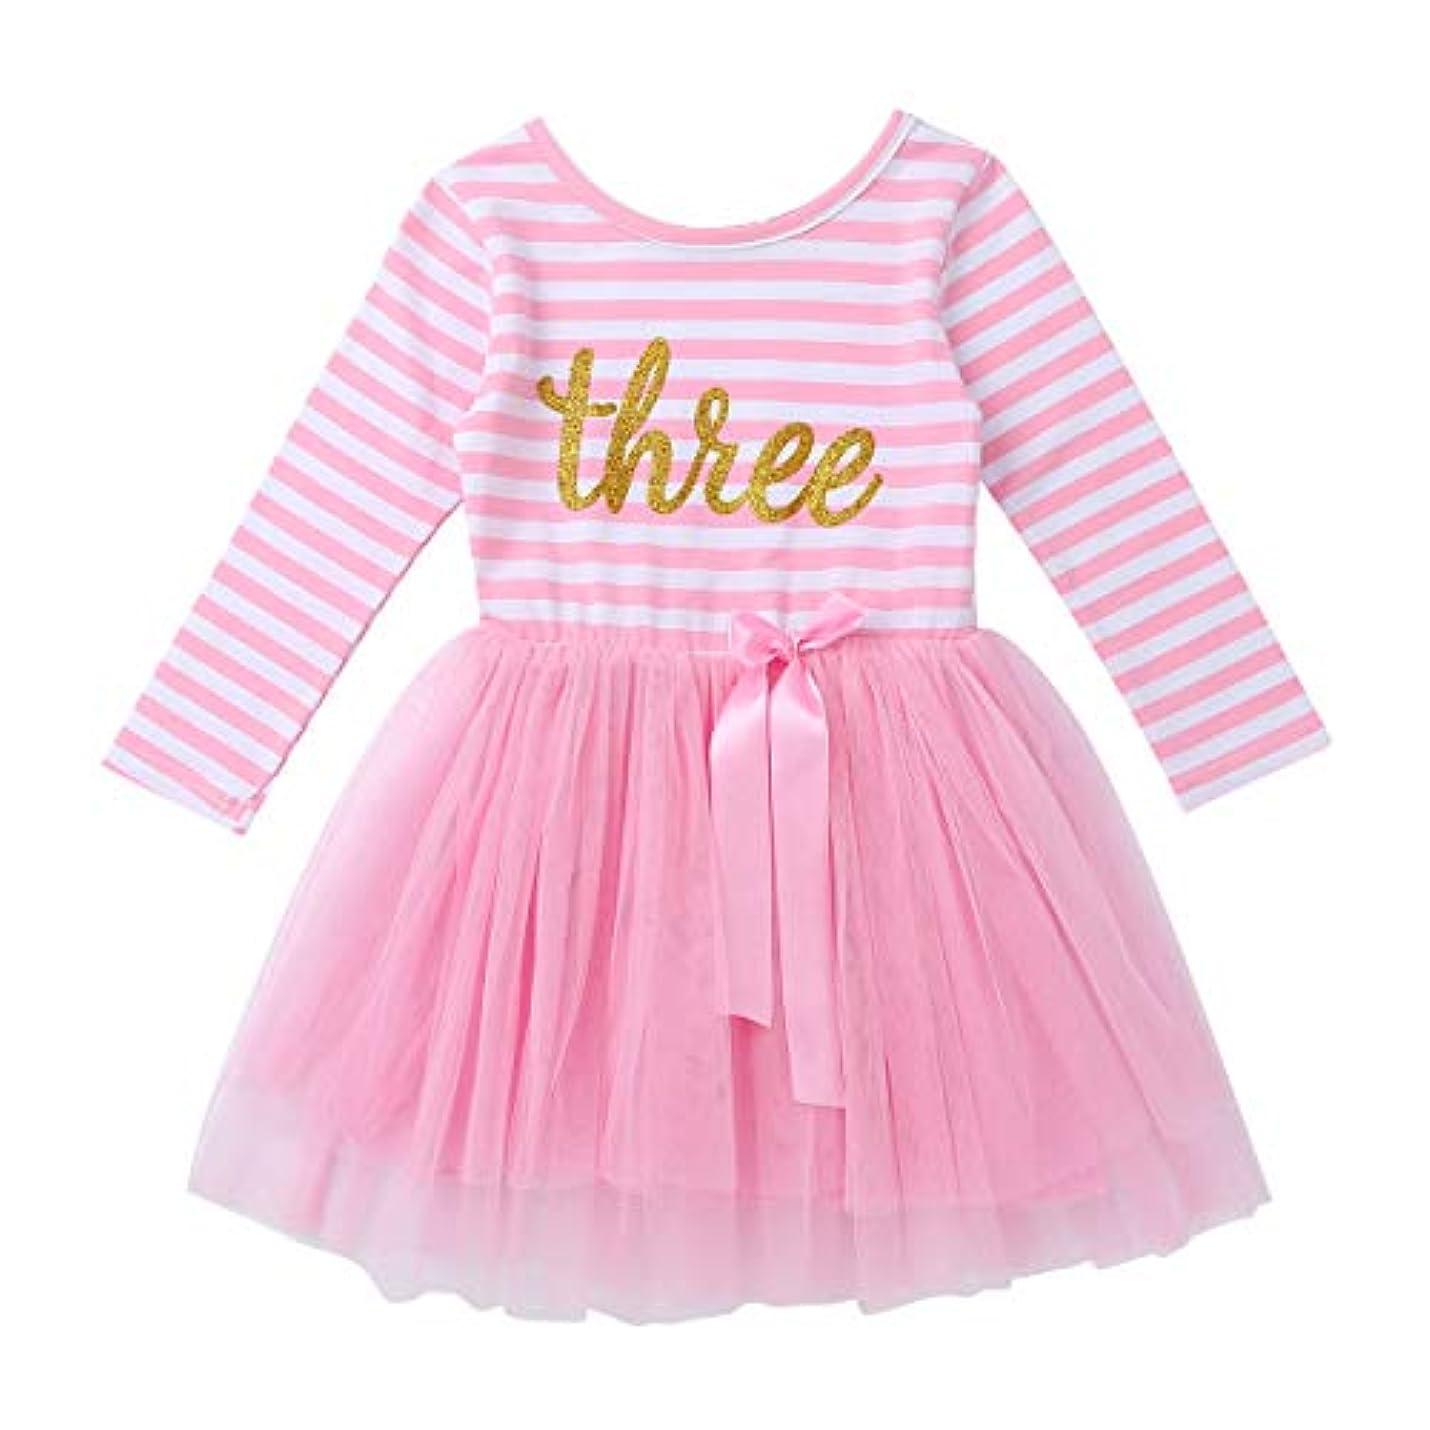 思いつく分数宝IEFIEL ベビー服 長袖 ワンピース ドレス 赤ちゃん 子供ドレス チュールスカート 新生児 女の子 女の子 ルームウェア プリンセス風 通学 通園 可愛い 綿 柔らかい